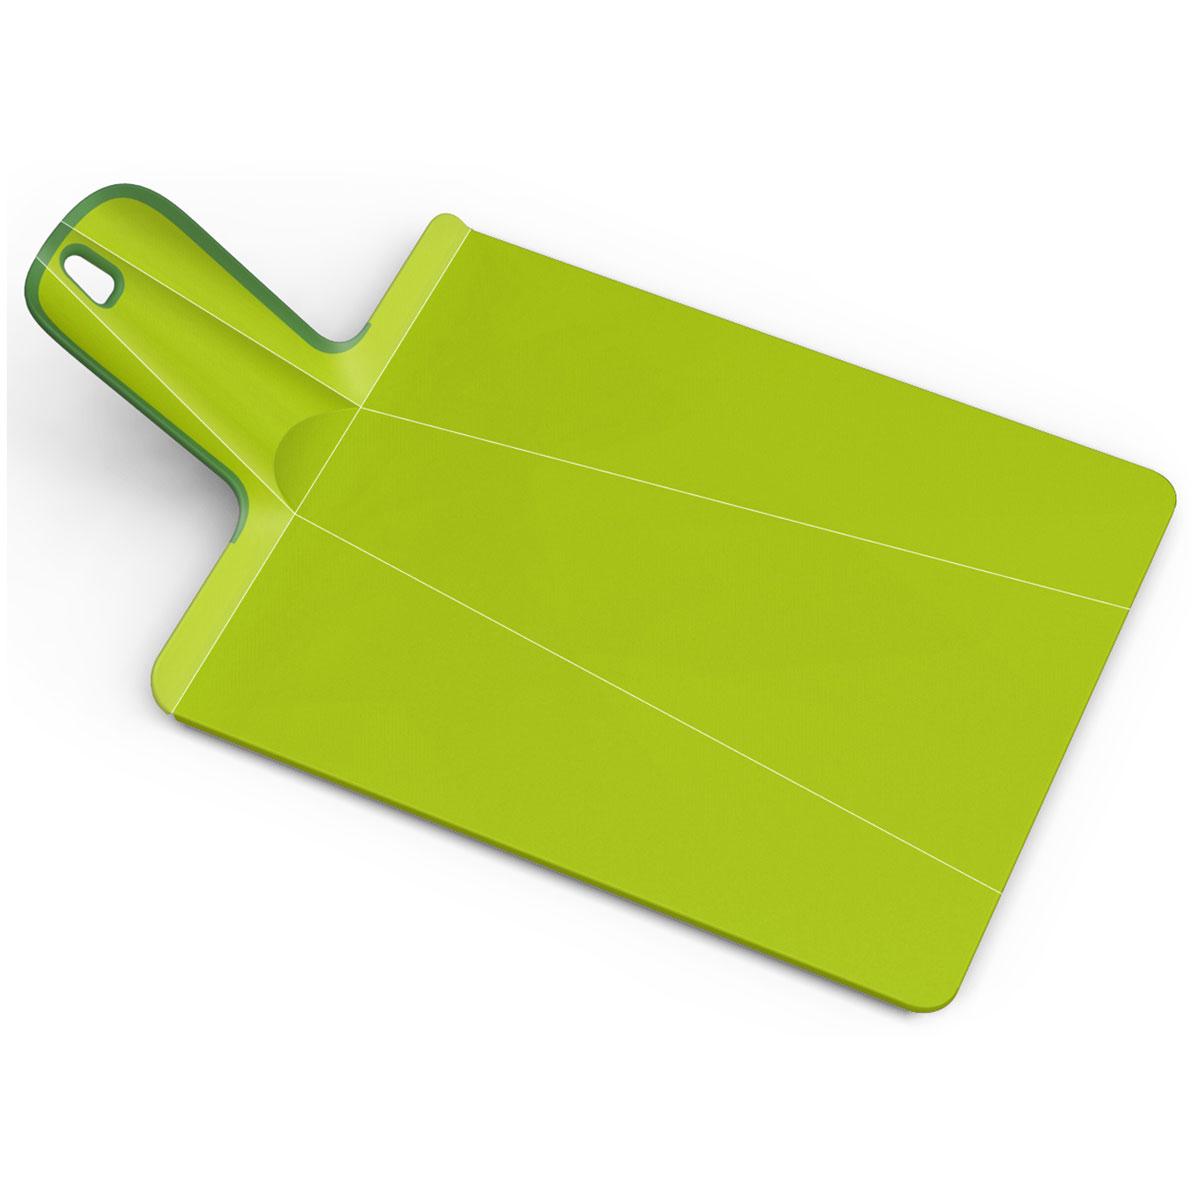 Доска разделочная Joseph Joseph Chop2Pot. Mини, цвет: зеленый, 17 х 32 см391602Разделочная доска Joseph Joseph Chop2Pot. Mини изготовлена из прочного пищевого пластика со специальным покрытием, которое предотвращает прилипание пищи и сохраняет ножи острыми. Удобная ручка оснащена прорезиненными вставками, что обеспечивает надежный хват и комфорт во время использования. Обратная сторона доски снабжена такими же вставками для предотвращения скольжения по поверхности стола. Благодаря изгибам в определенных местах, доска удобно сворачивается и позволяет аккуратно пересыпать все, что вы нарезали. Всем знакомо, как неудобно ссыпать порезанные овощи в кастрюлю, но с этим приспособлением вы одним движением превратите разделочную доску в удобный совок, и все попадет по назначению. Можно мыть в посудомоечной машине. Размер доски: 17 см х 32 см.Длина ручки: 9,5 см.